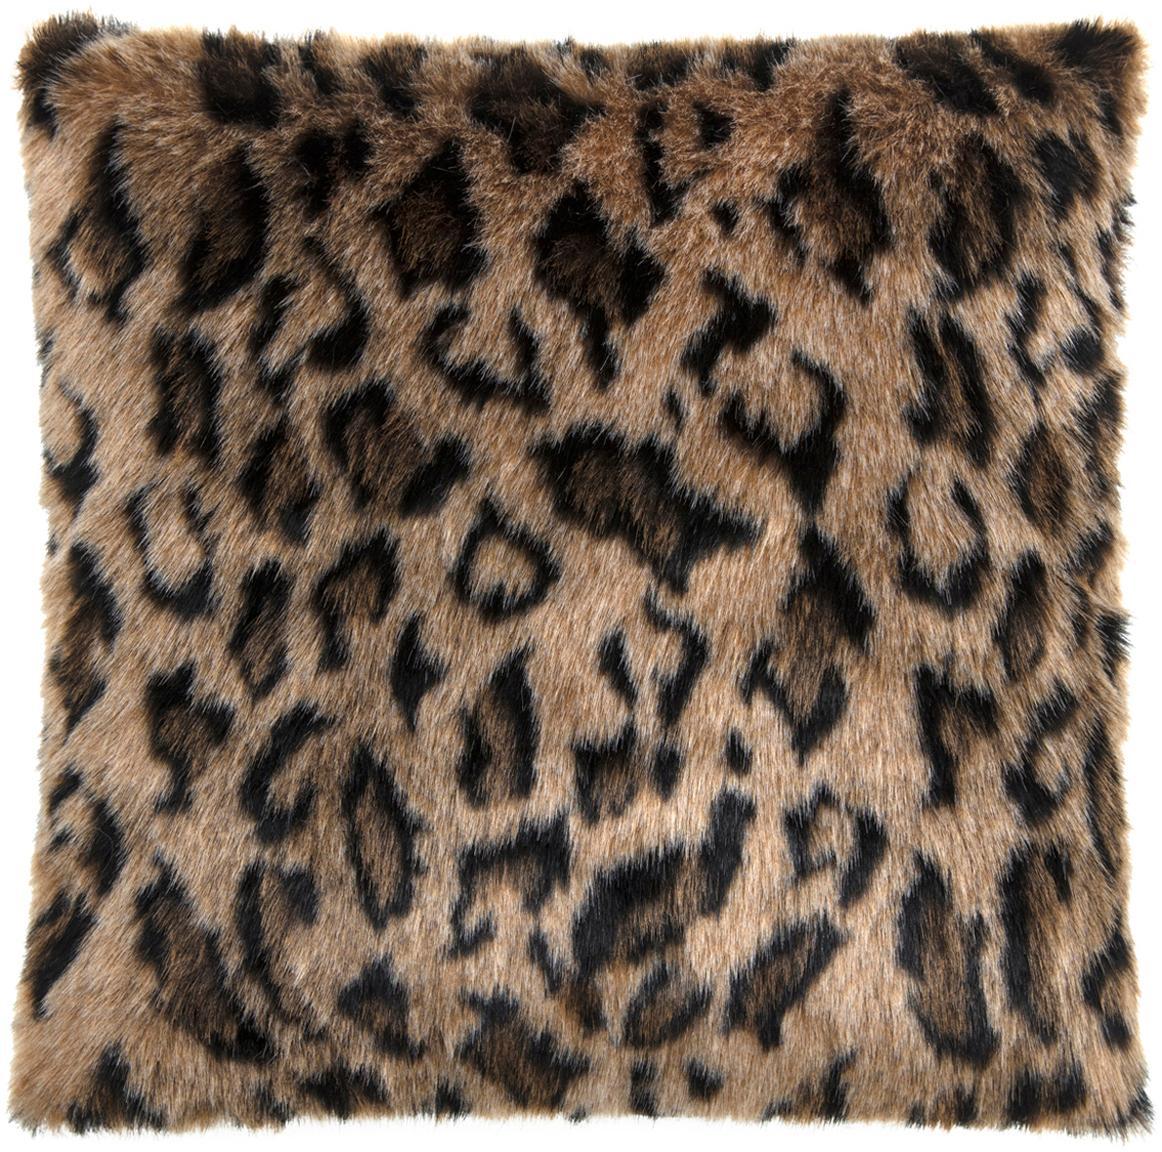 Kunstfell-Kissenhülle Lee mit Leopardenmuster, Vorderseite: 60% Polyacryl, 40% Polyes, Rückseite: Polyestersamt, Braun, Schwarz, 40 x 40 cm